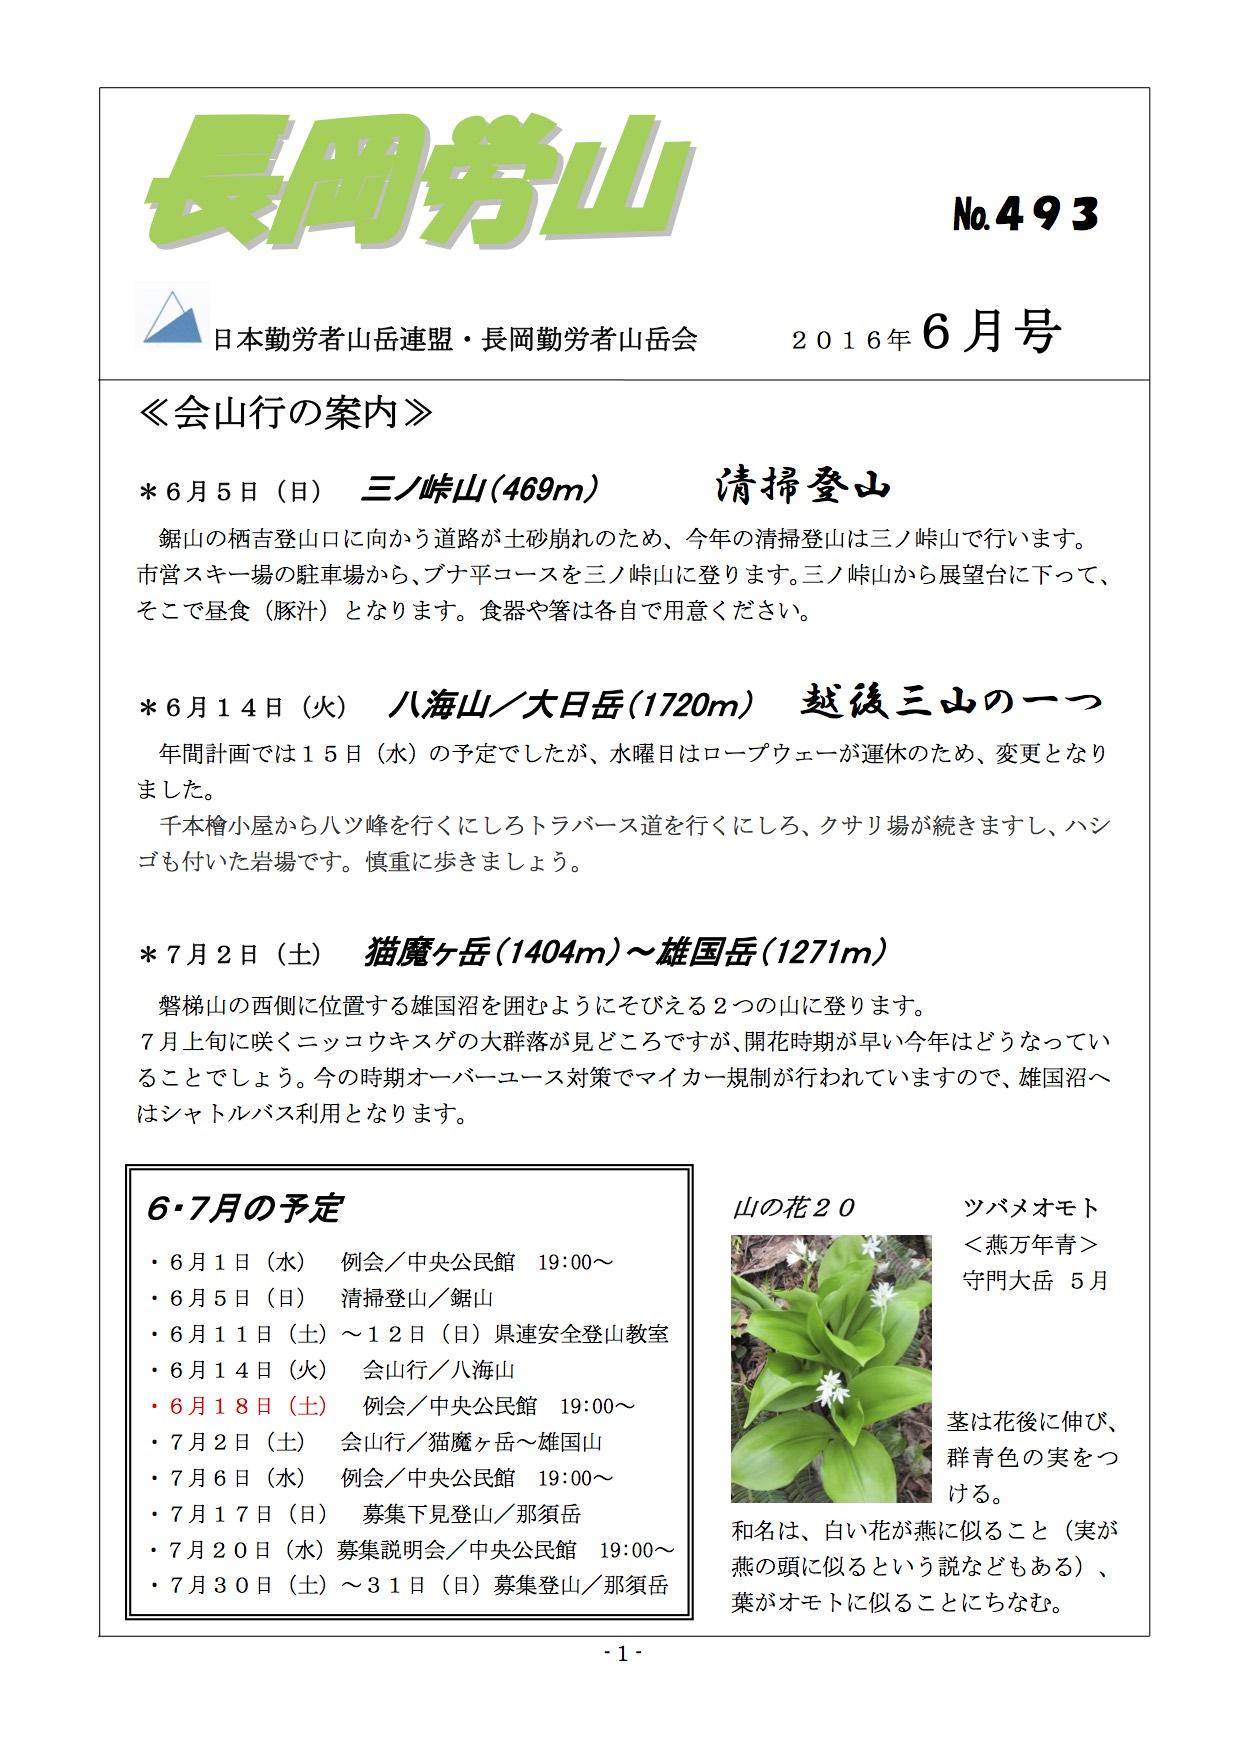 長岡労山ニュース 6月